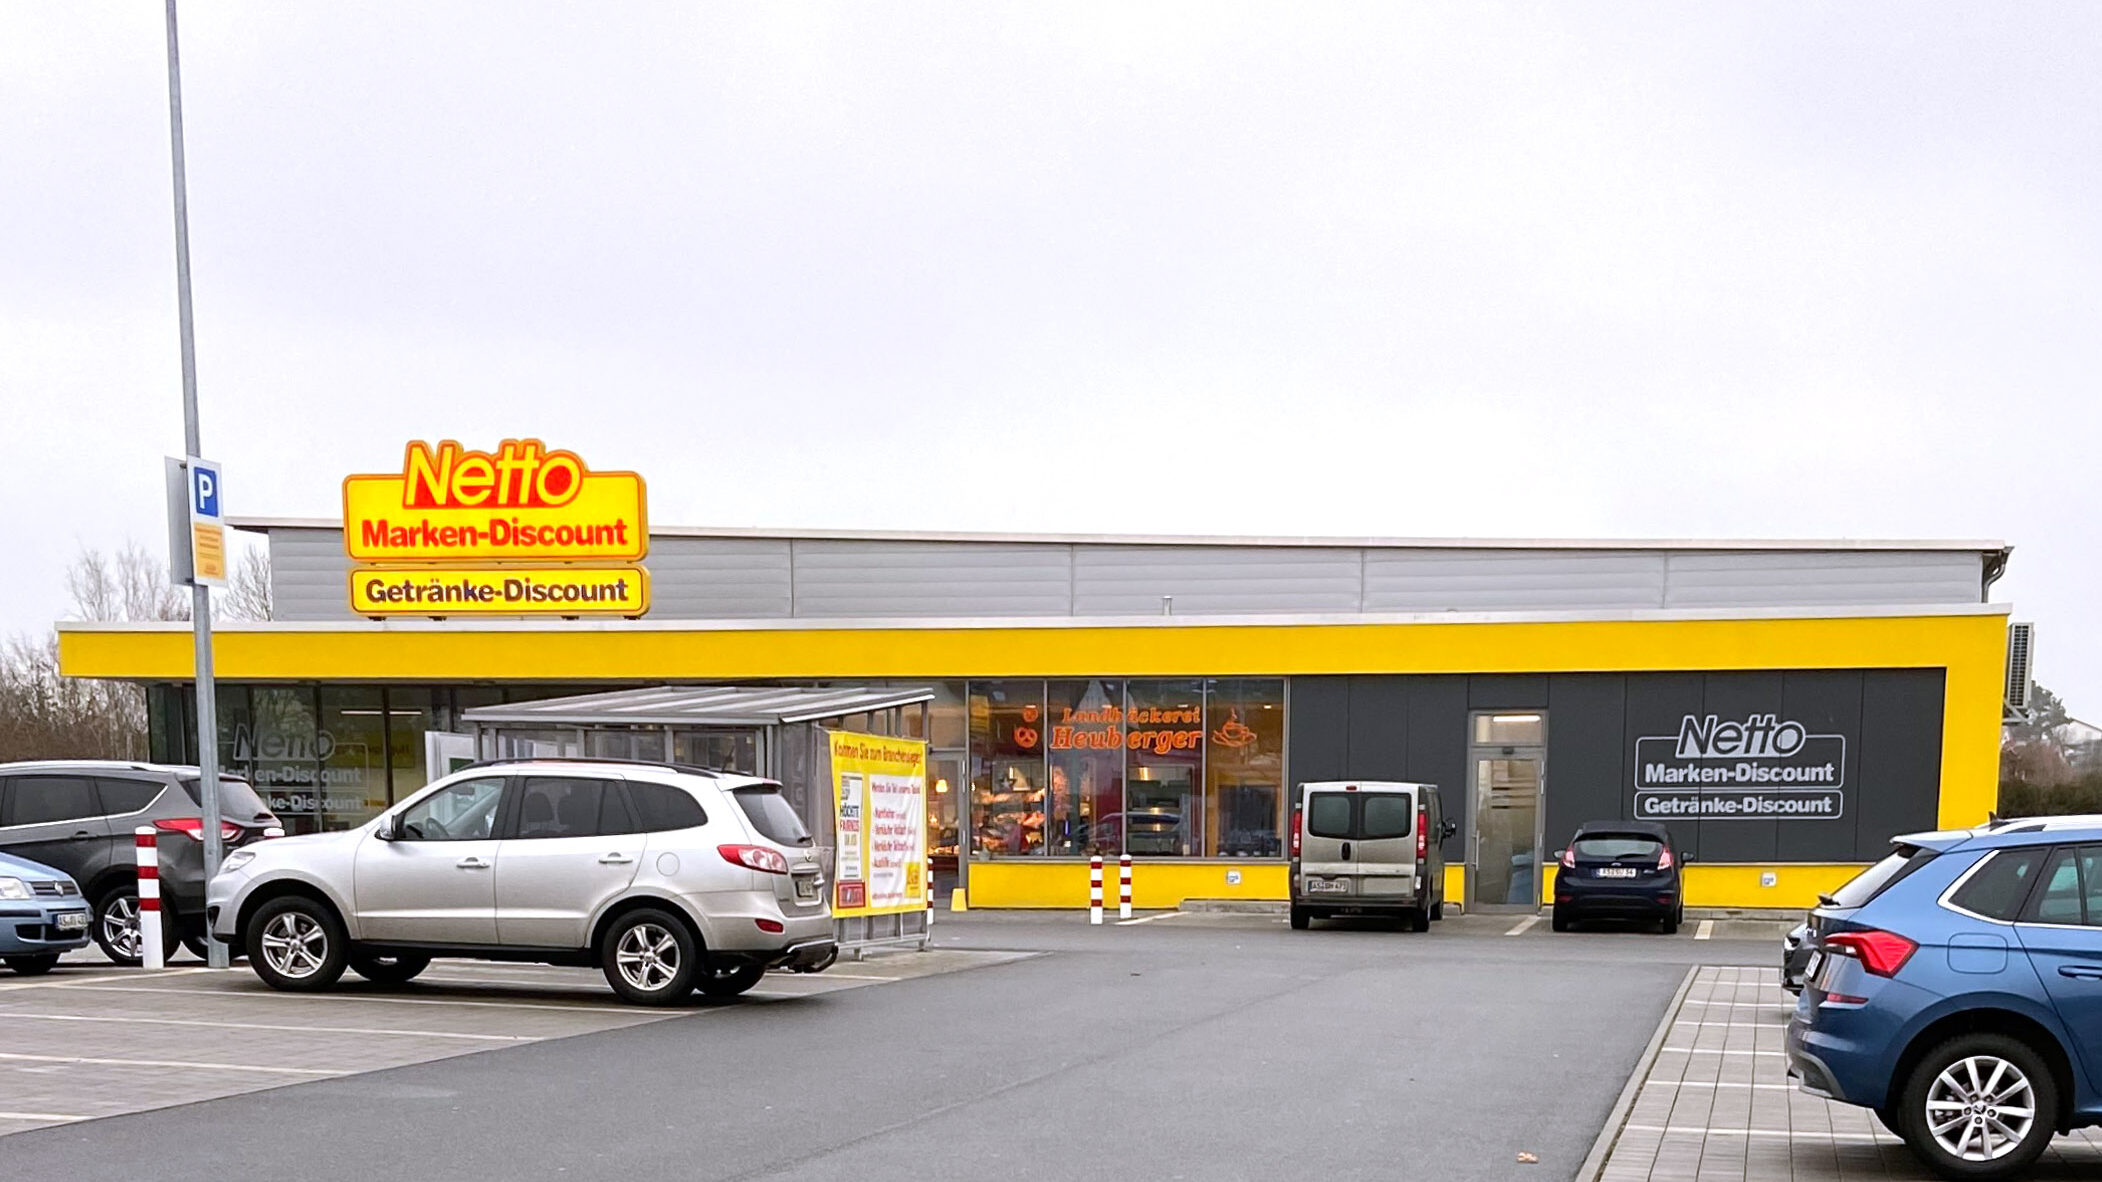 Image for GRR Group erwirbt Nettomarkt im bayerischen Vilseck für den GRR German Retail Fund No.4